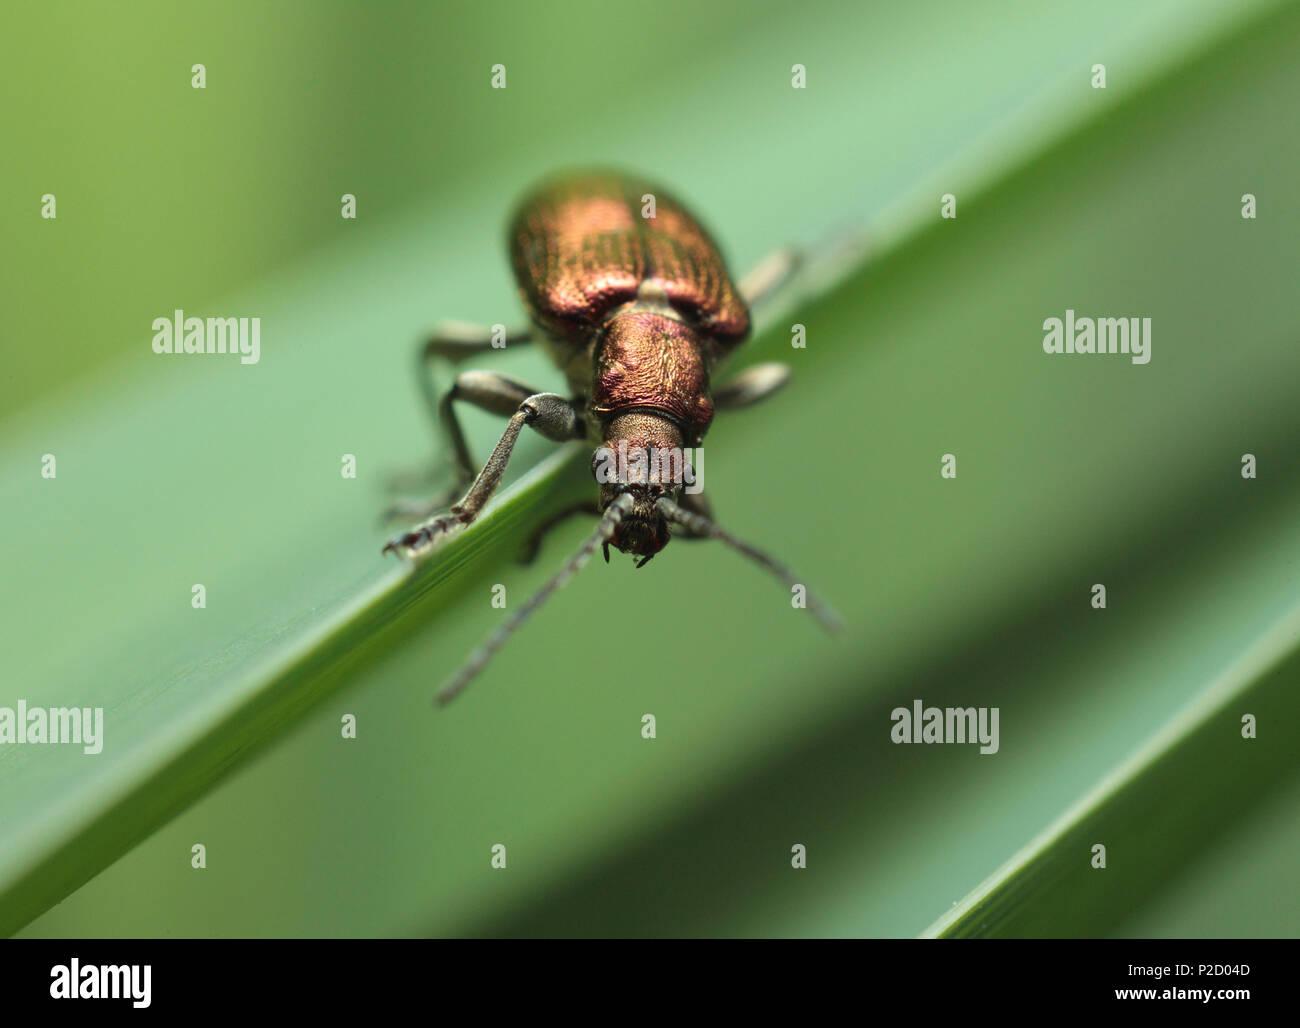 Un roseau beetle (Donacia marginata) Banque D'Images